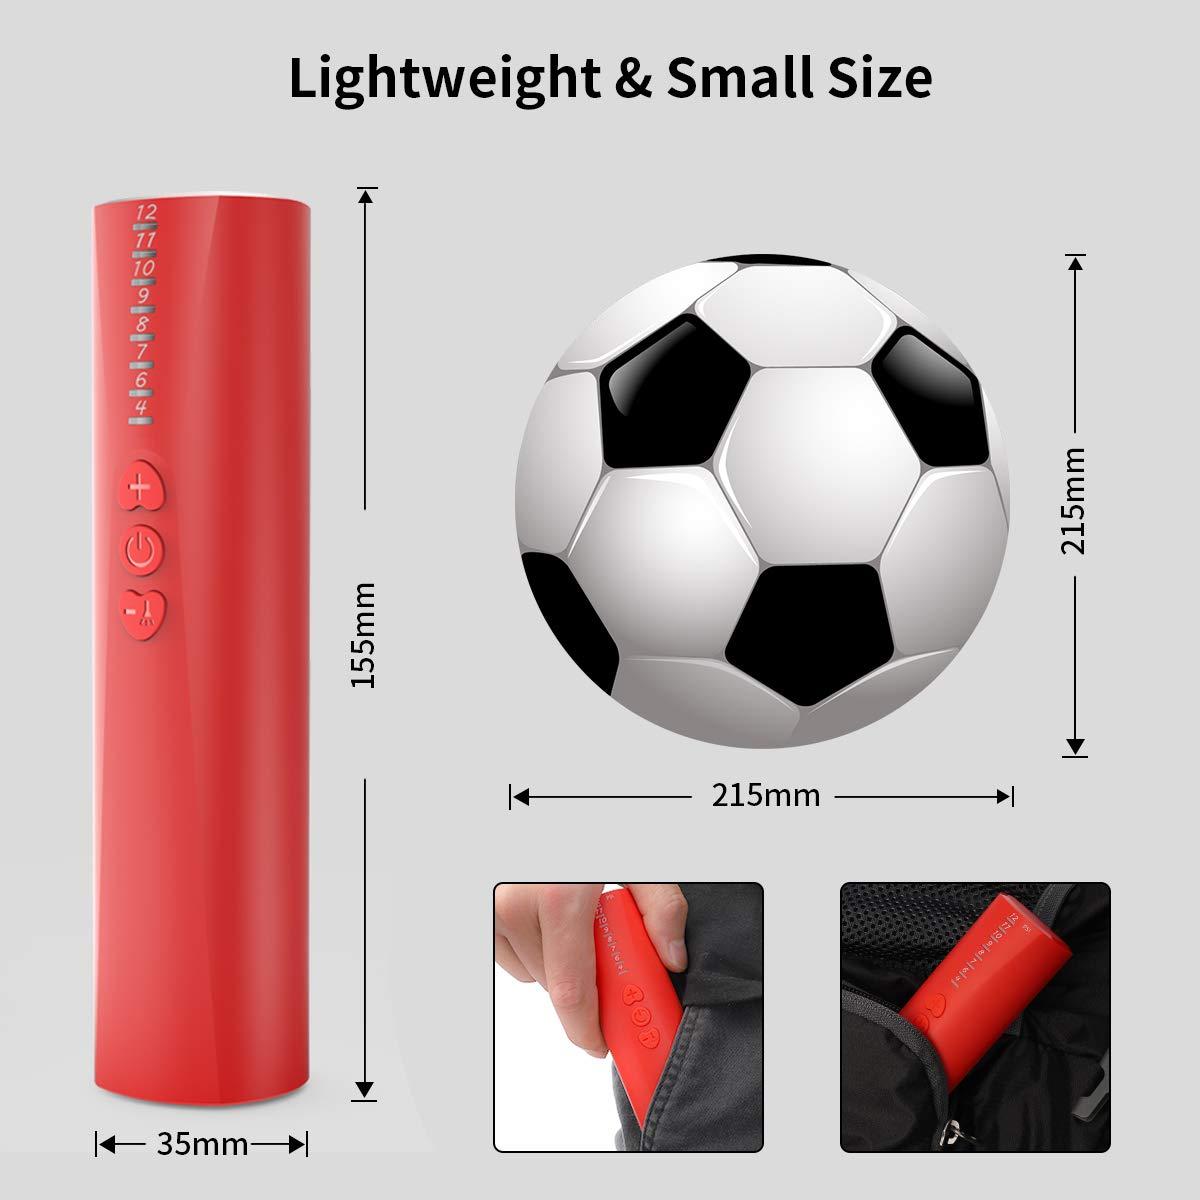 Bomba de Bola, Bomba de Aire rápida eléctrica automática con Aguja y Manguera, para su Pelota de fútbol, de Rugby, de Voleibol, de Baloncesto, de Balonmano y de Otras Bolas inflables